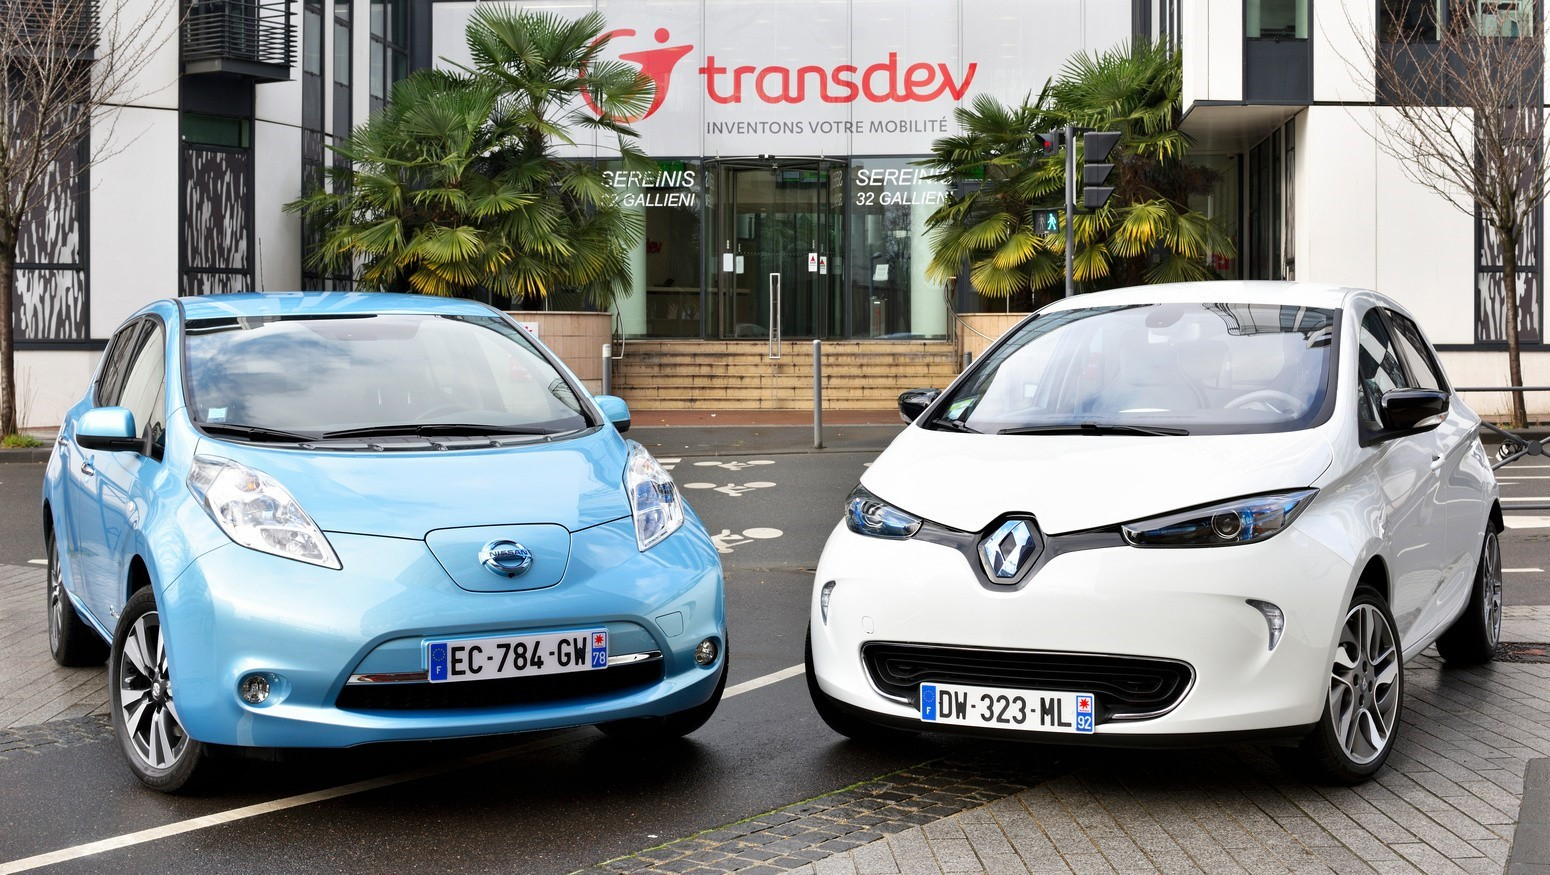 Судьбу альянса Renault-Nissan-Mitsubishi должен решать бизнес - Абэ